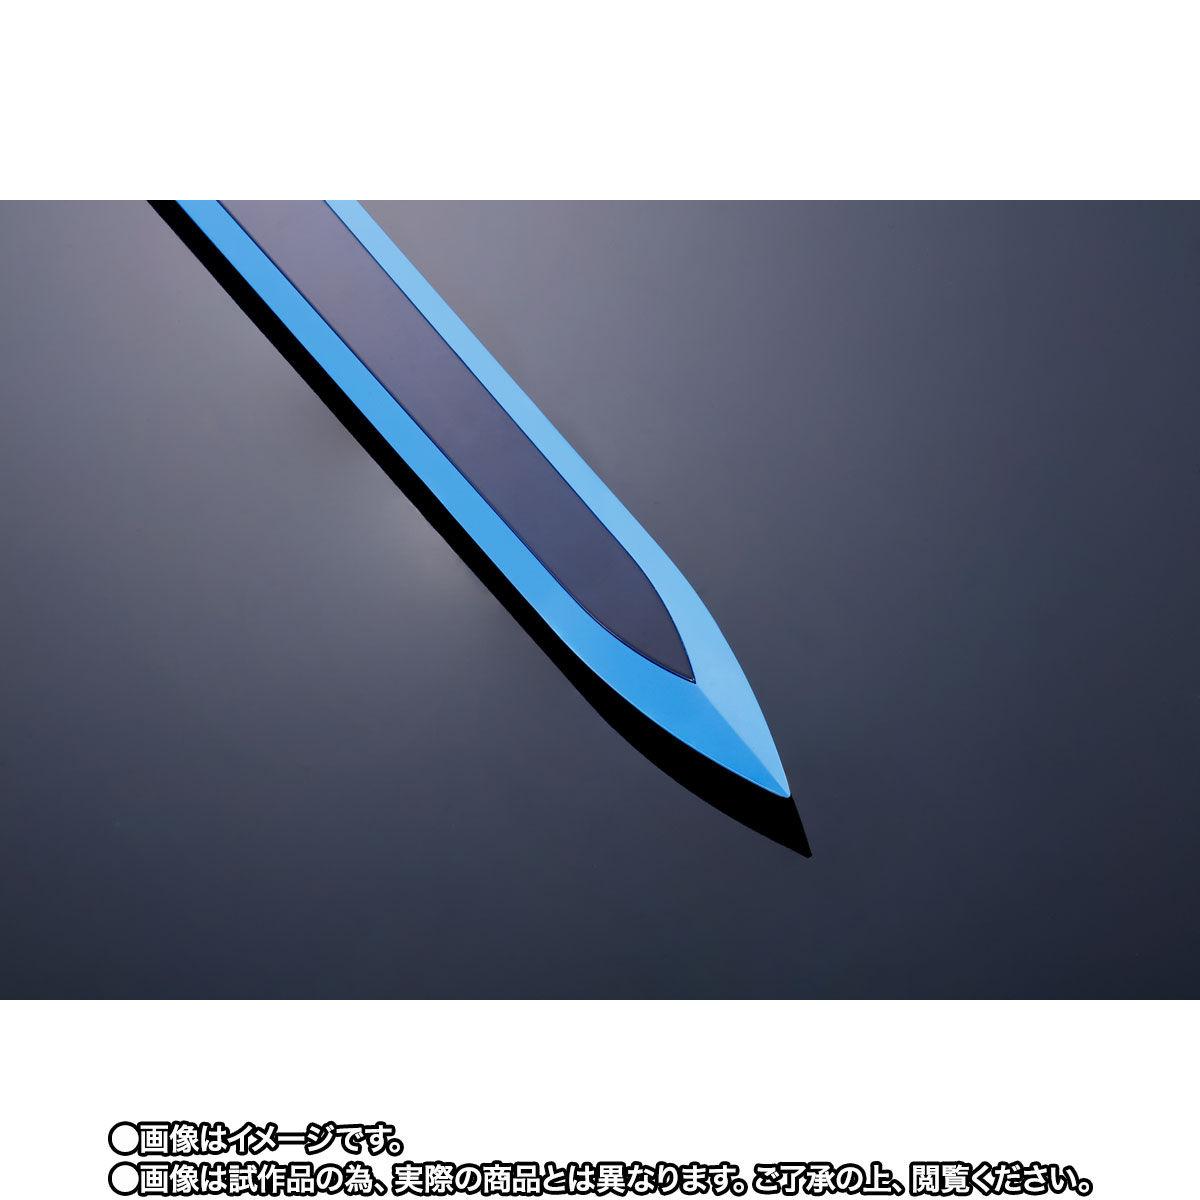 【限定販売】PROPLICA 『夜空の剣』ソードアート・オンライン 変身なりきり-007